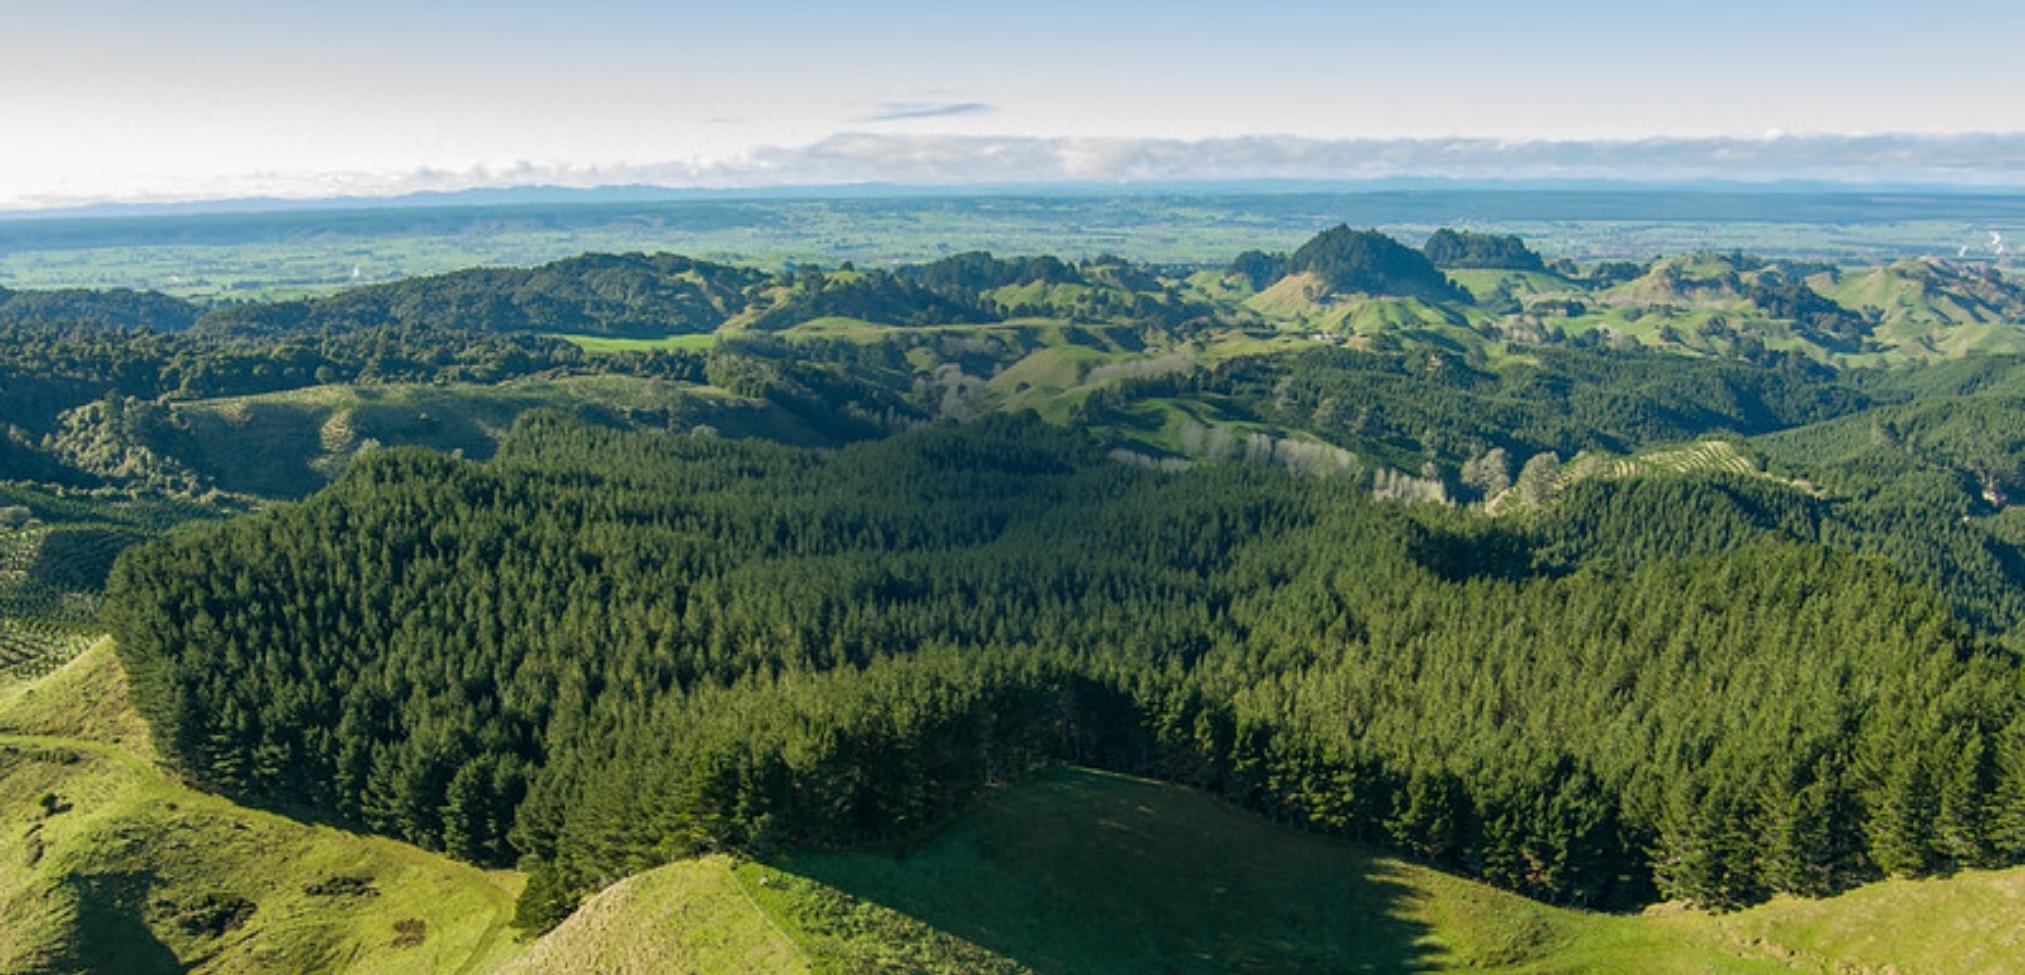 Pāmu Forestry Strategy 2020-2029